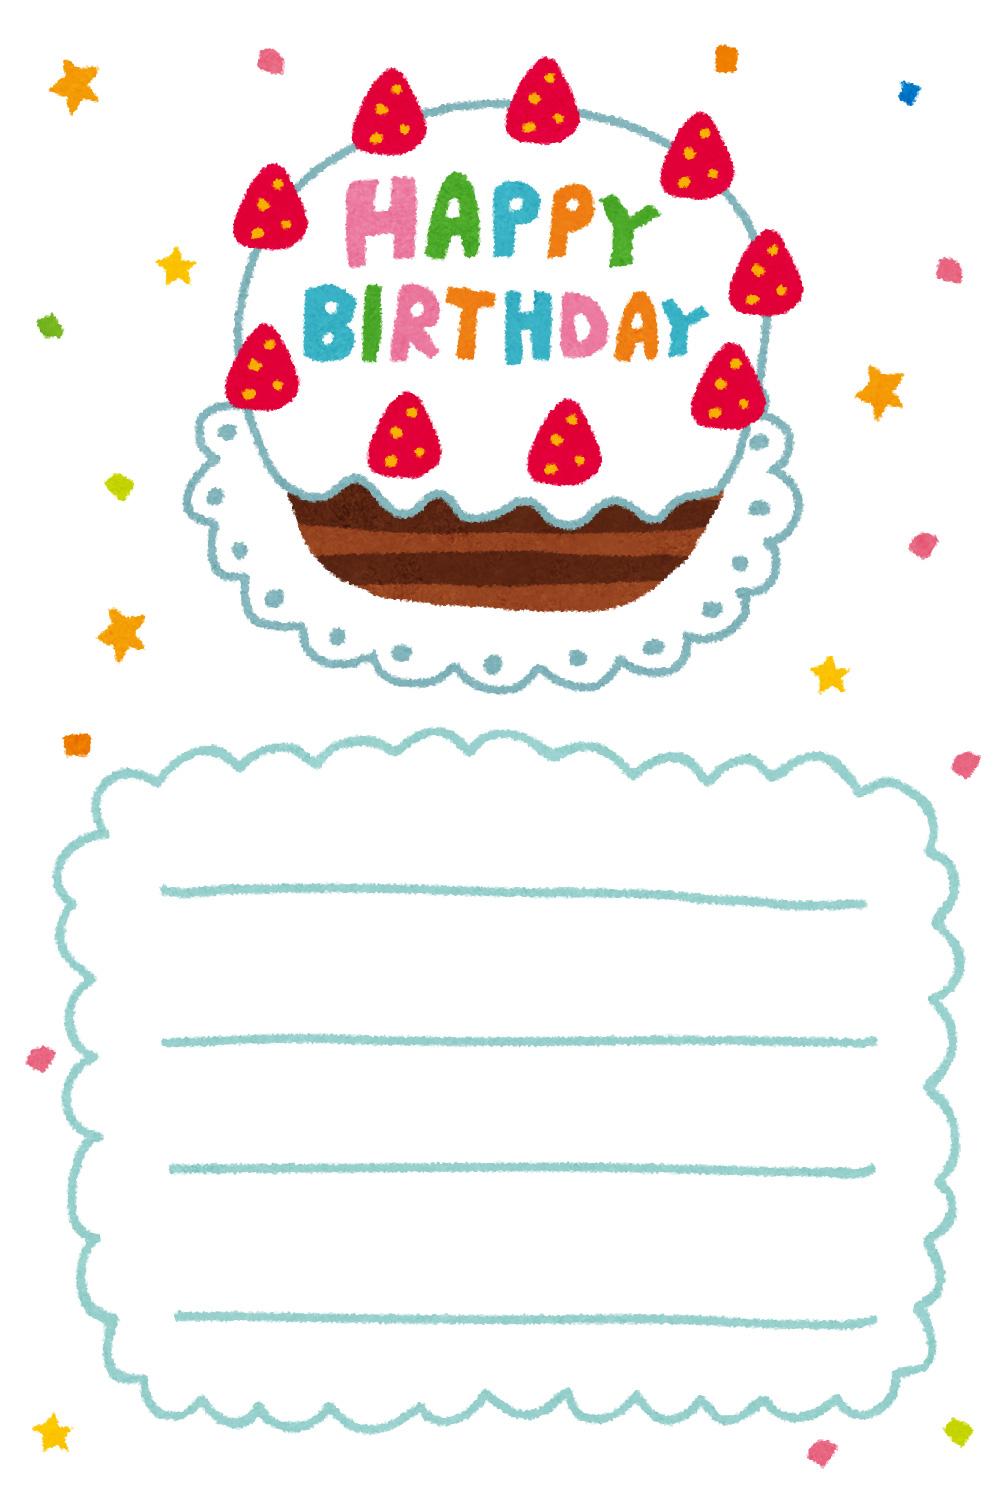 お誕生日のフリーイラスト集☆ ... : 誕生日カード テンプレート 無料 : カード